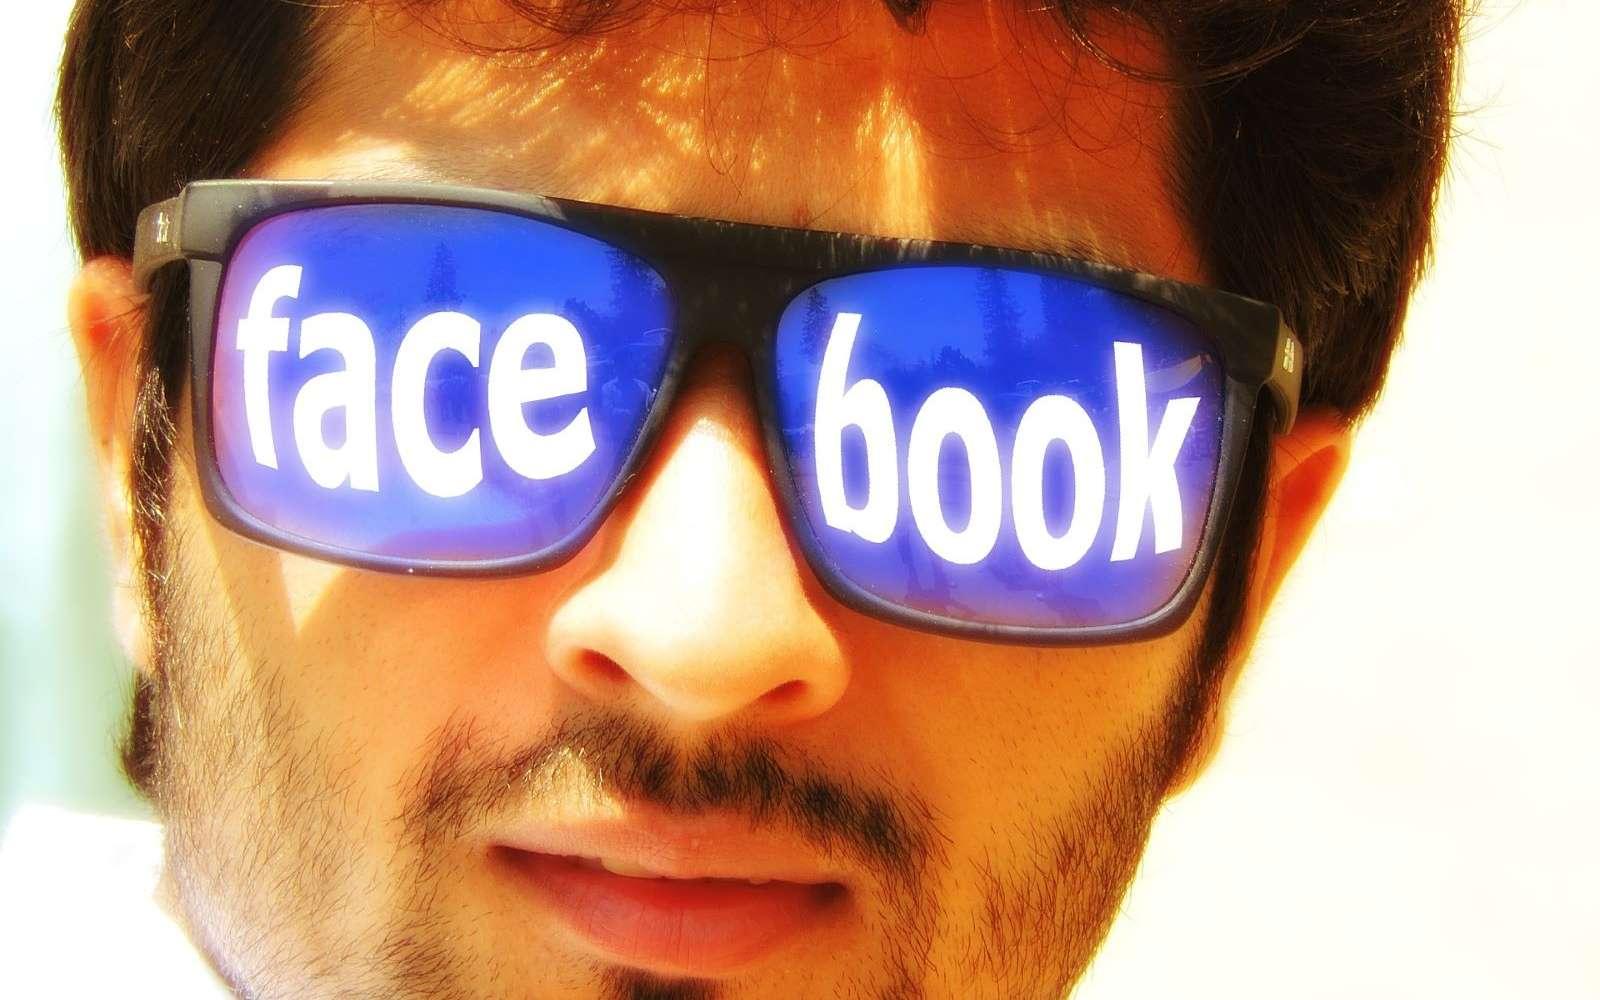 Dès 2017, Mark Zuckerberg avait évoqué l'arrivée de lunettes connectées © Geralt, Pixabay